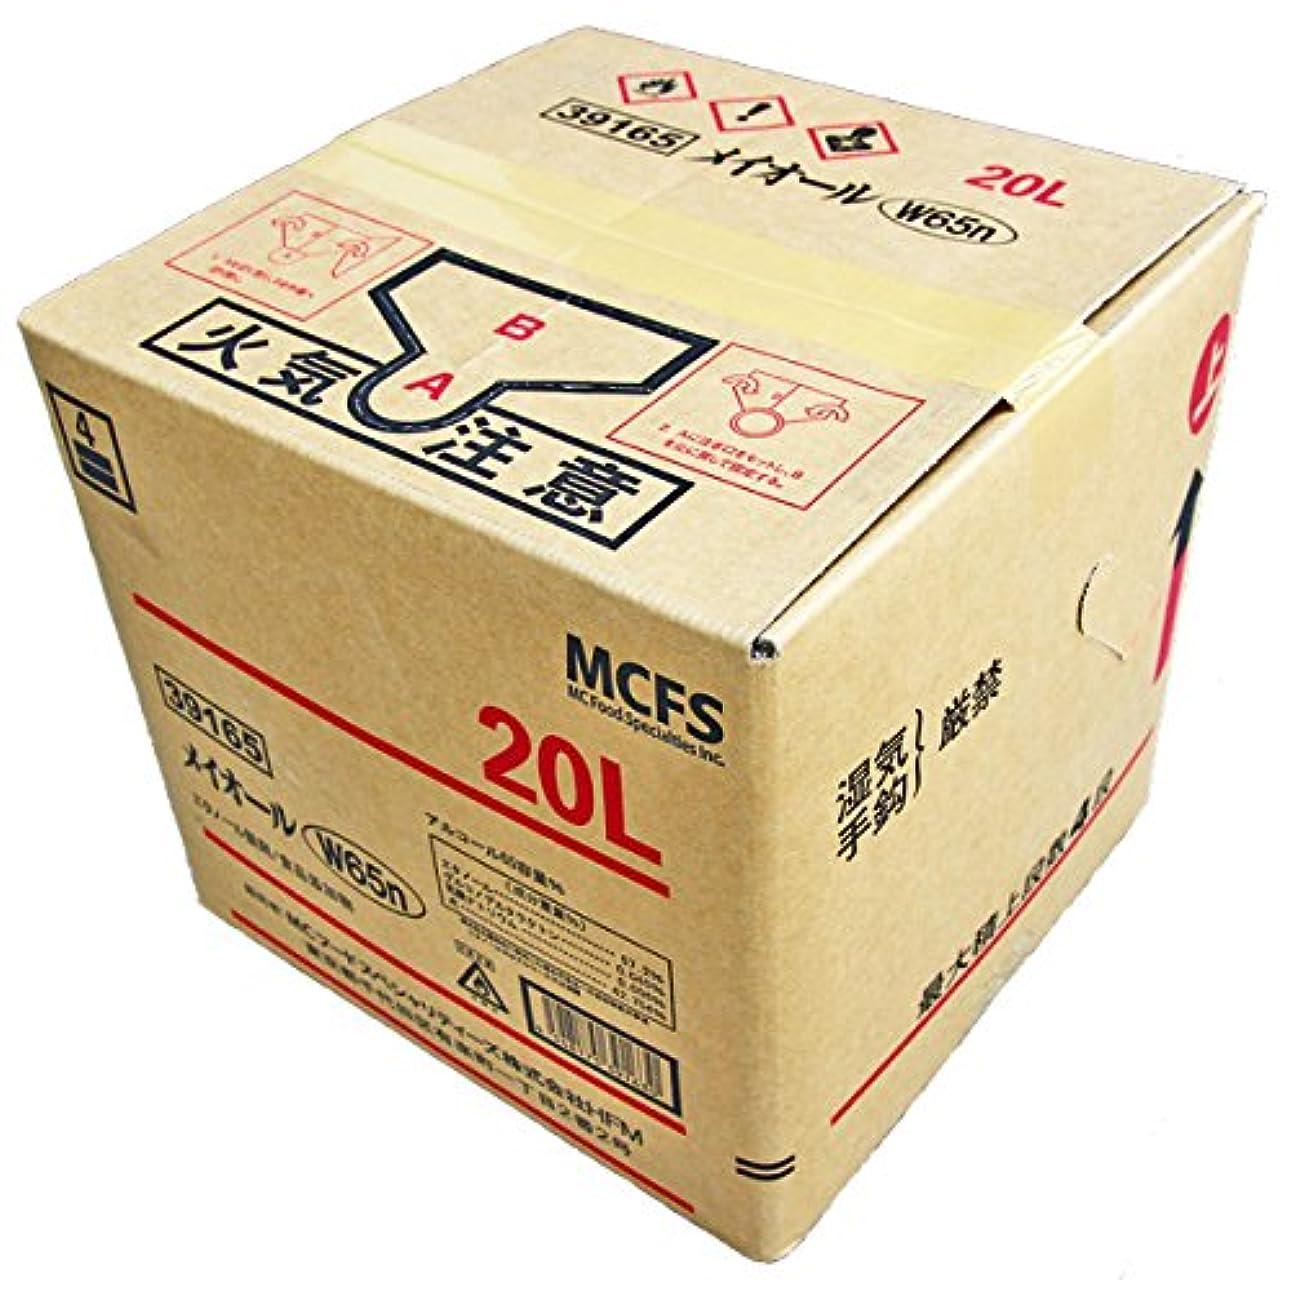 もちろん寸法バリア【除菌?防臭?防カビ用 アルコール製剤】 MCFS メイオールW65n 20L 【コック無し】